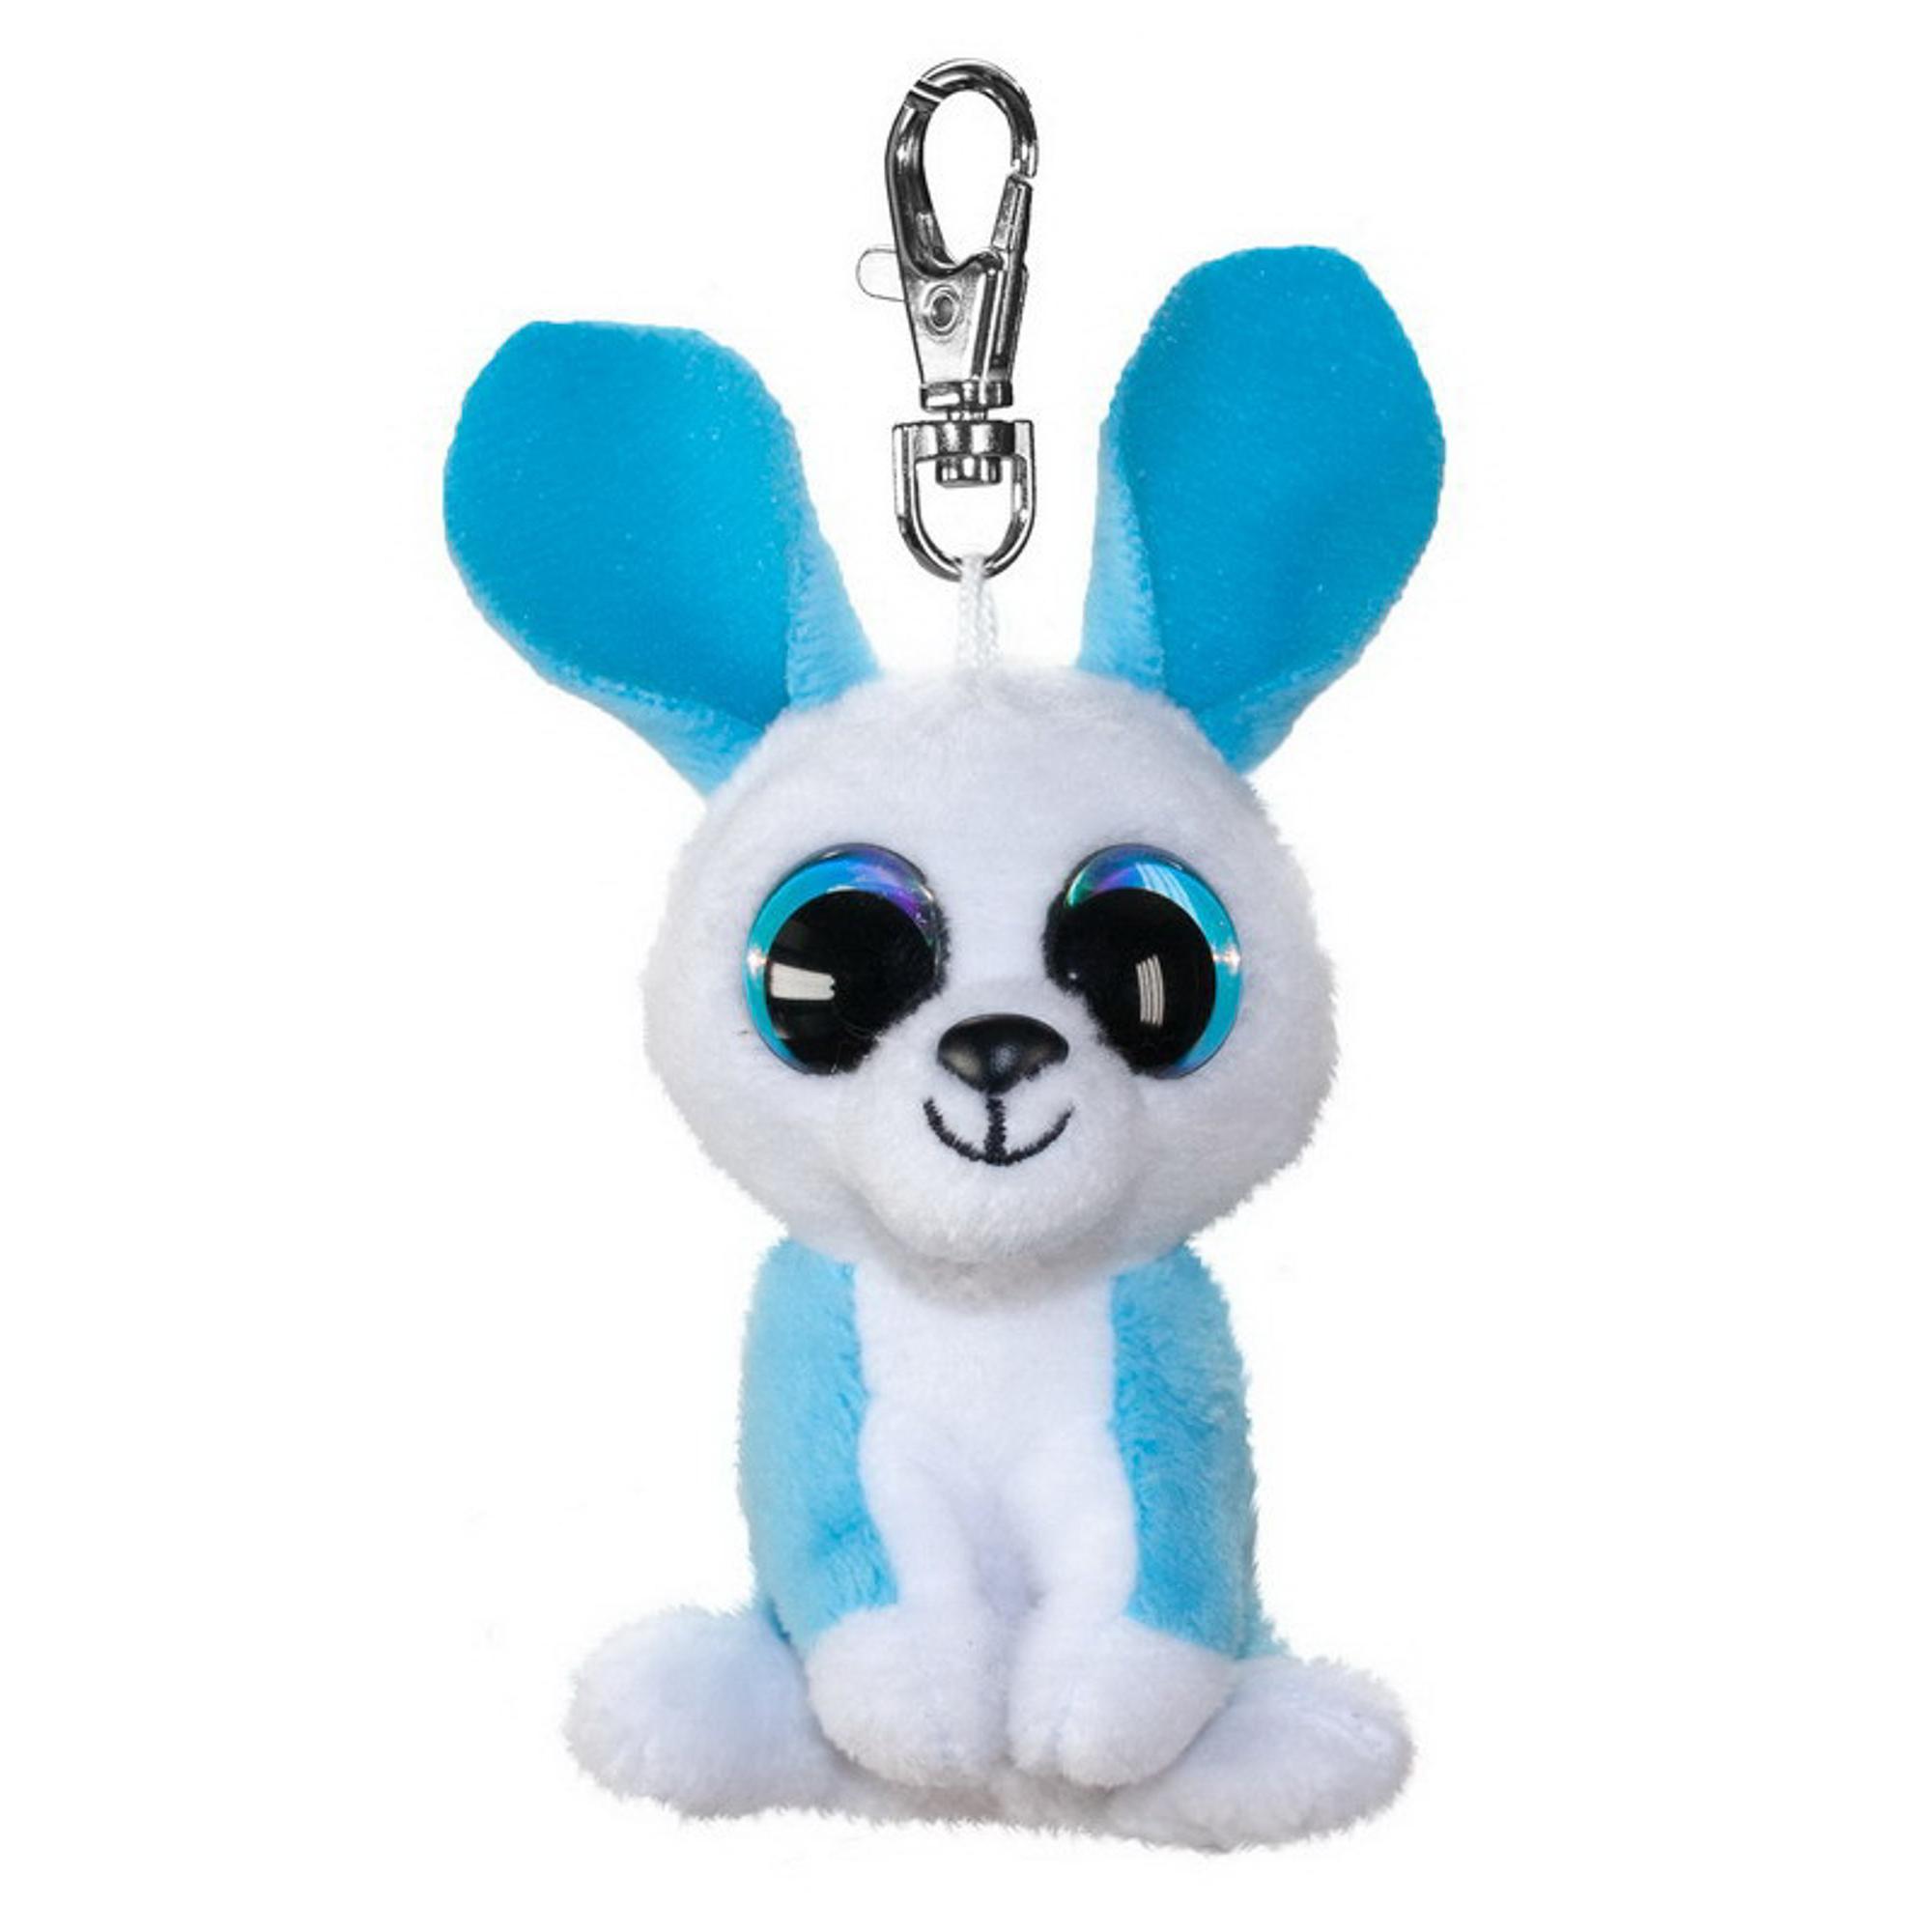 Купить Брелок LUMO Кролик Ice 8.5 см, брелок, Китай, пластик, иск.мех, текстиль